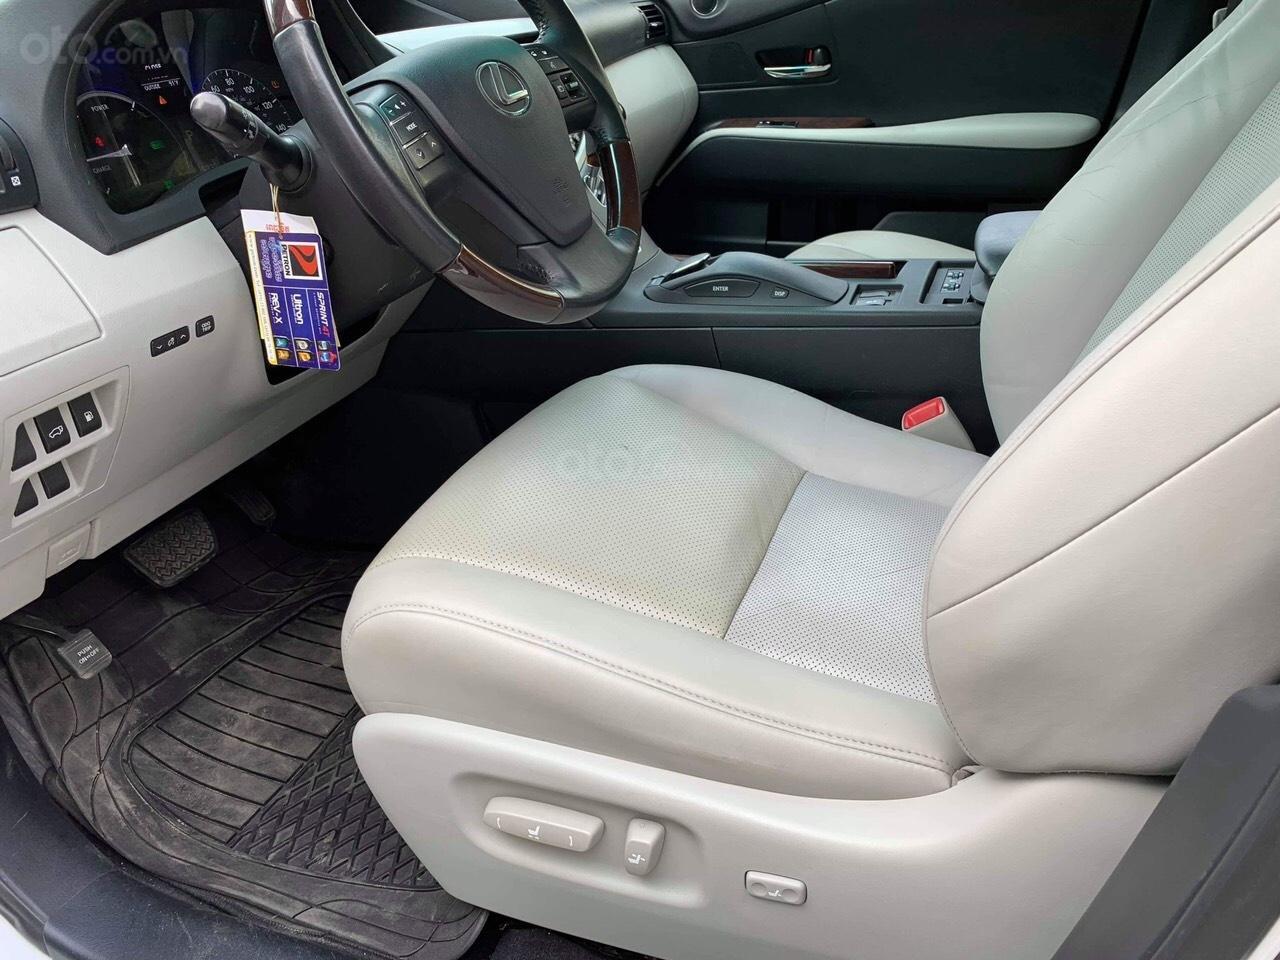 Bán Lexus RX 450h năm 2013, màu trắng, xe nhập, giá 500tr (7)